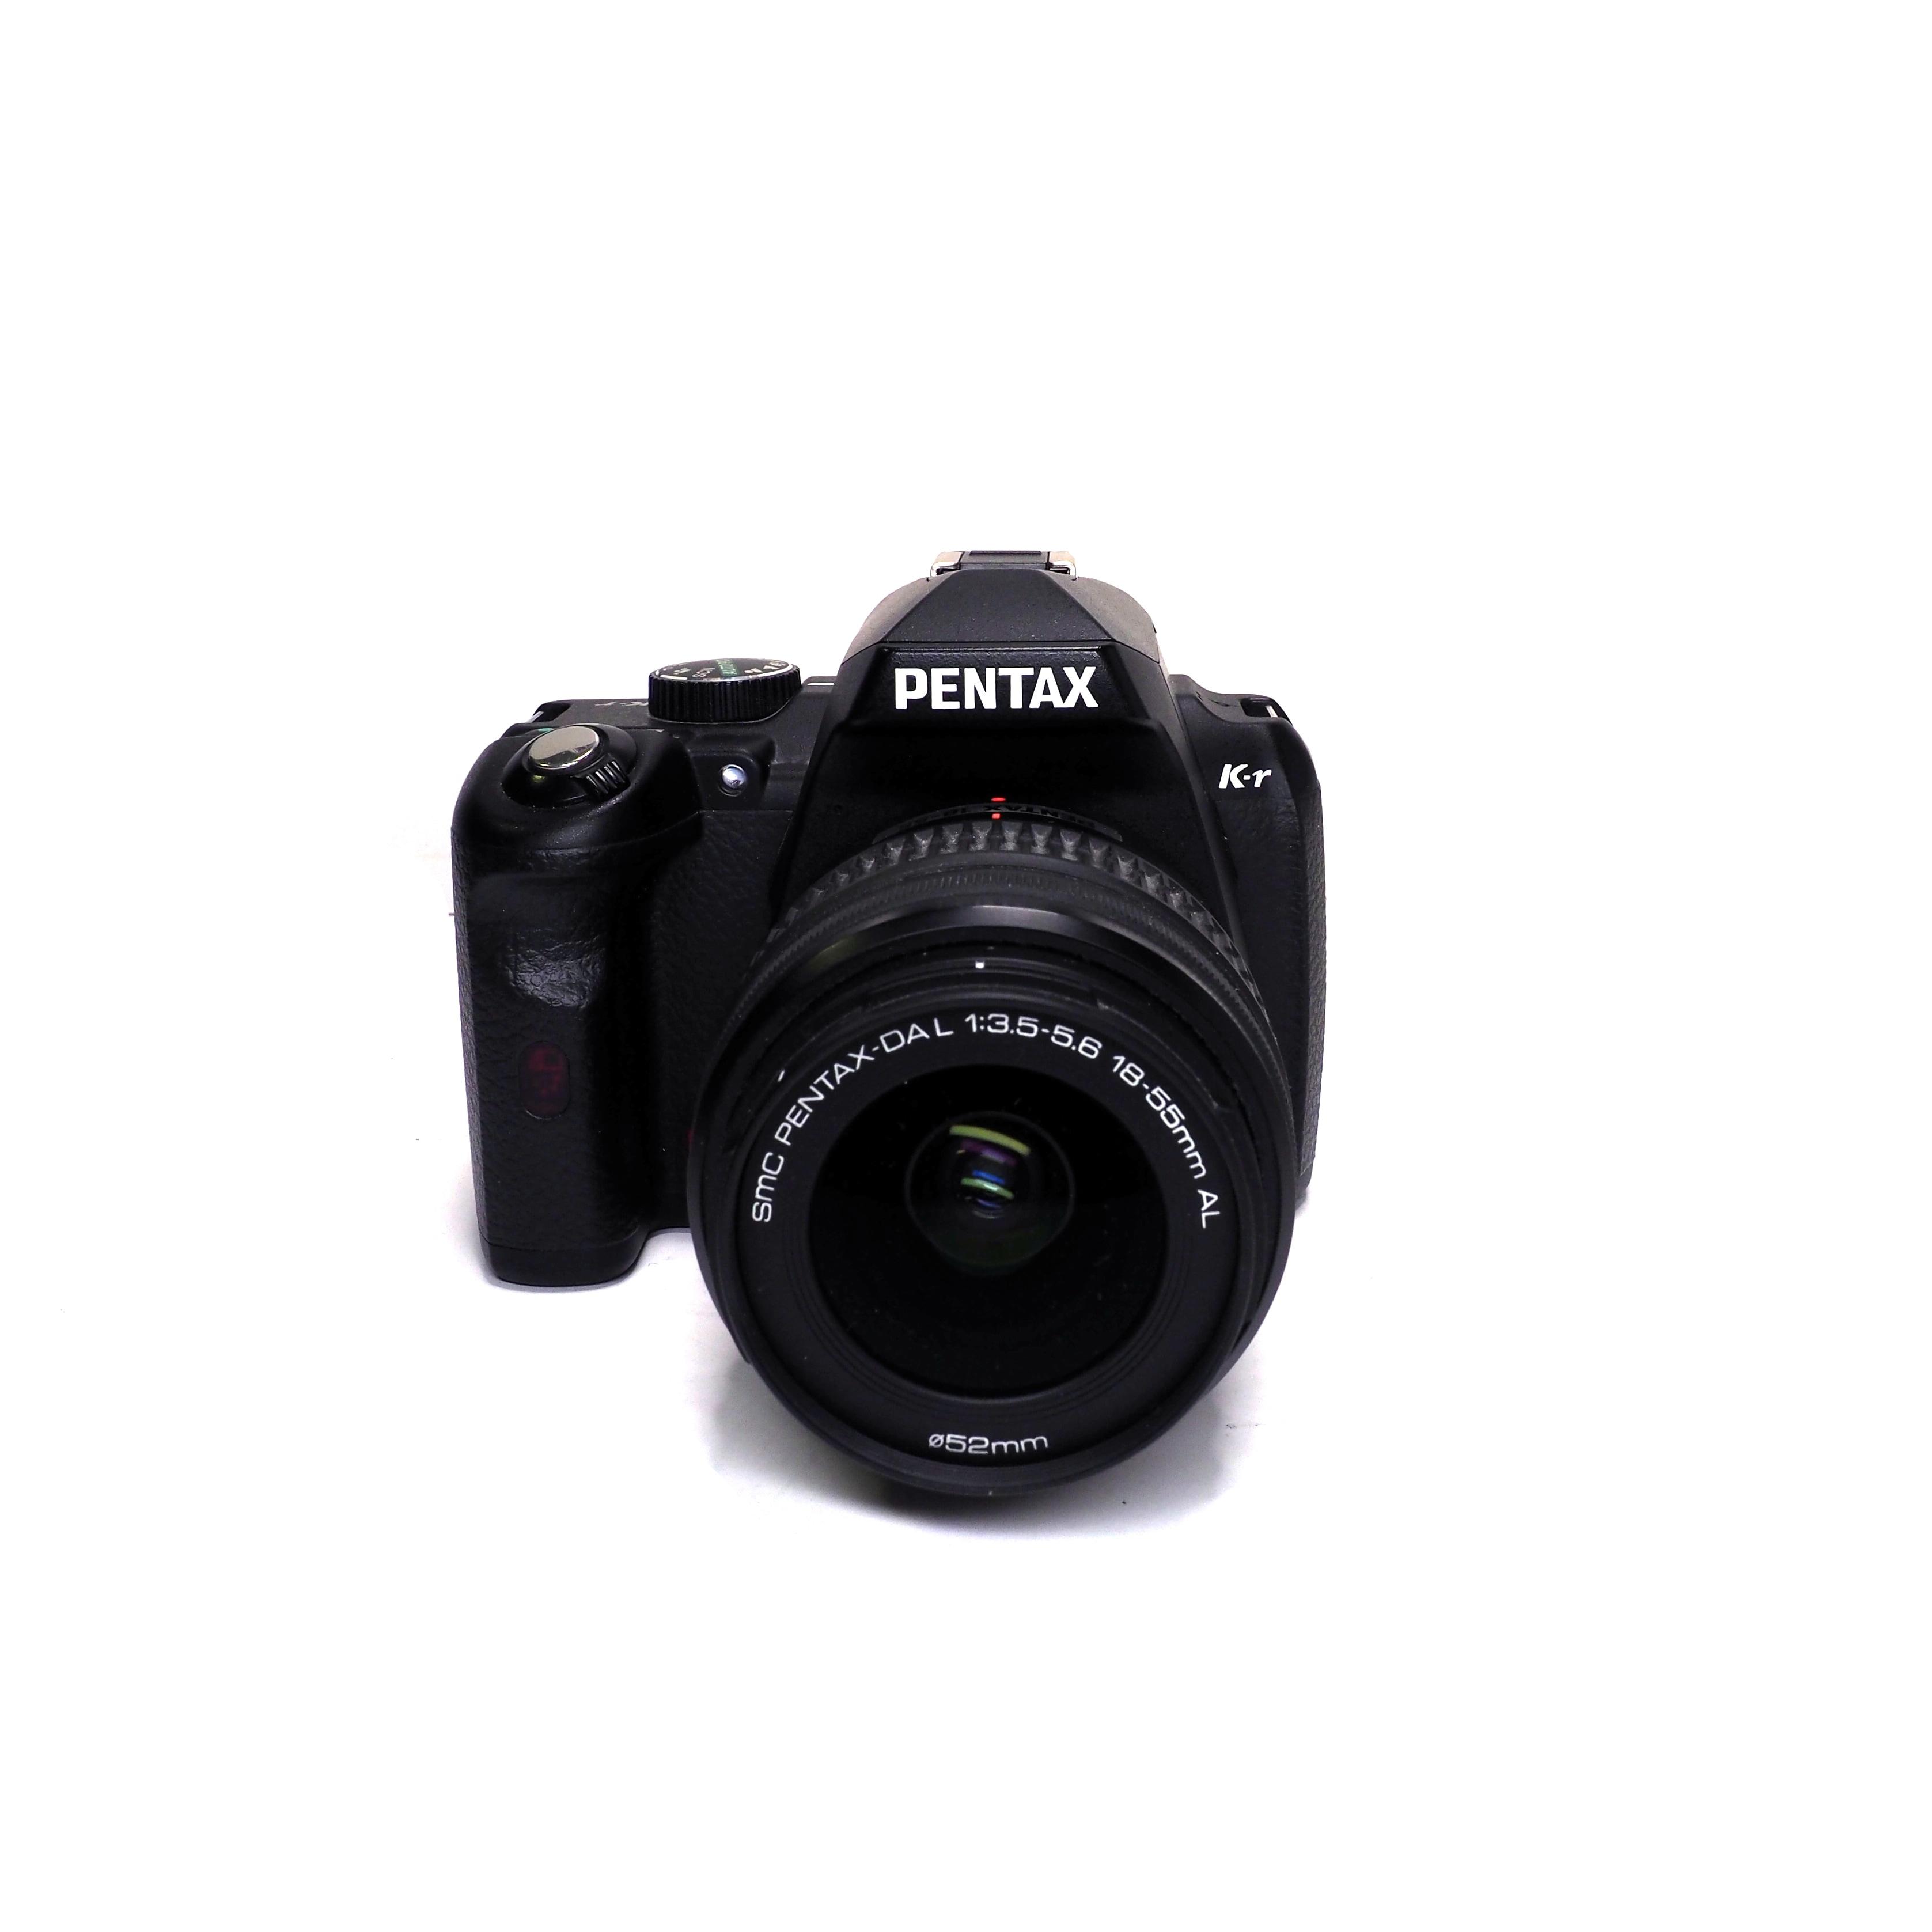 Pentax K-r + 18-55mm f/3,5-5,6 - BEGAGNAT